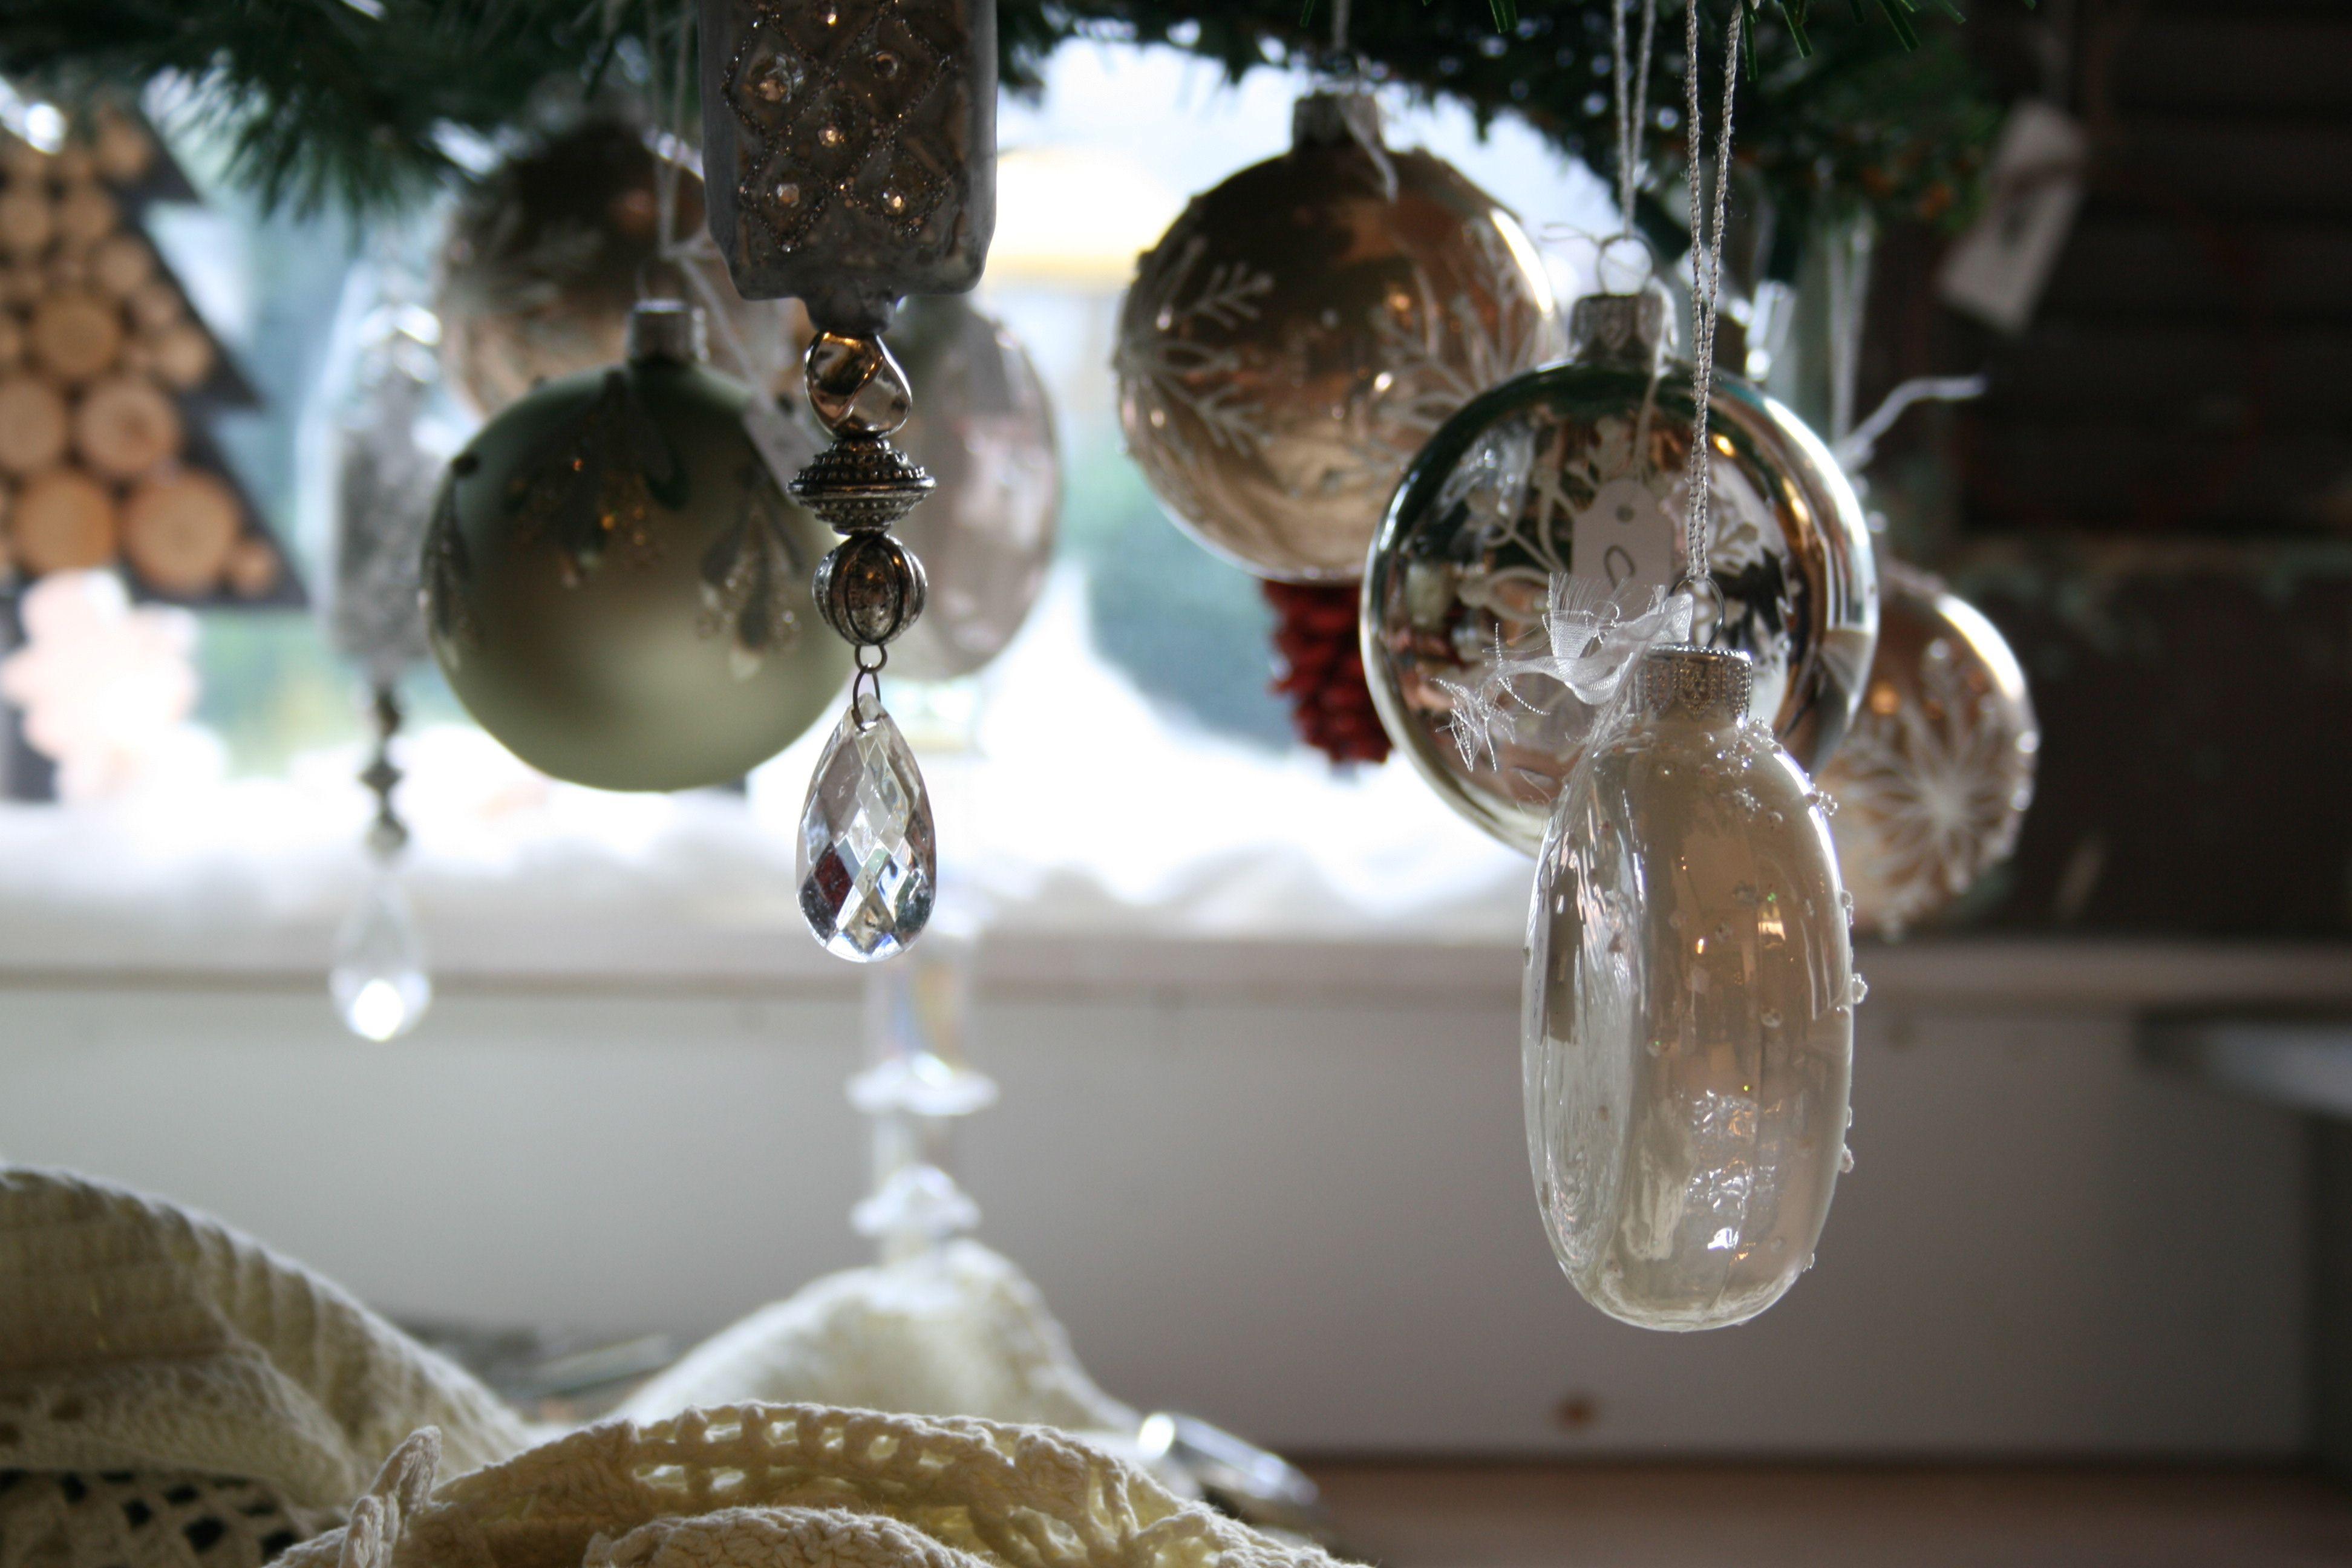 Schöne #Weihnachtsbaumkugeln